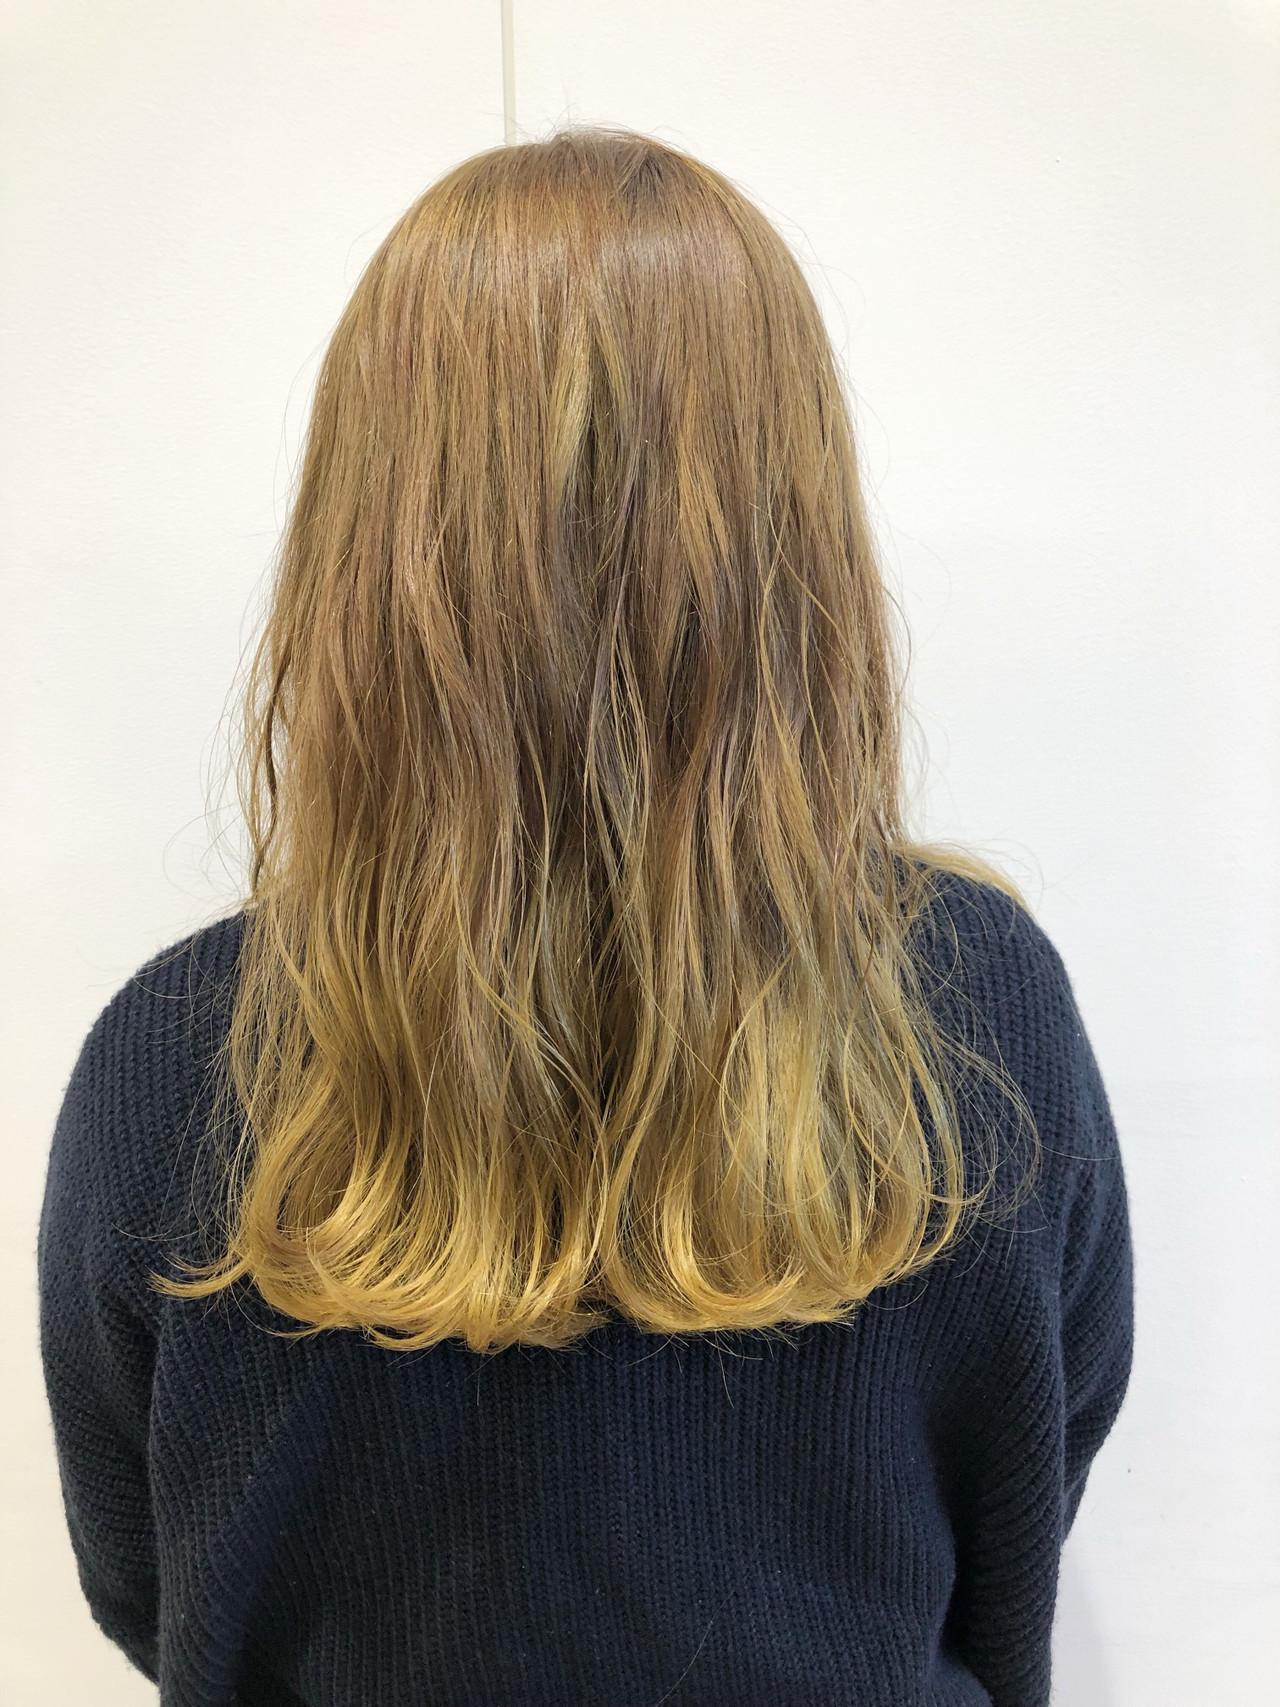 セミロング フェミニン ブリーチ ハニーイエロー ヘアスタイルや髪型の写真・画像